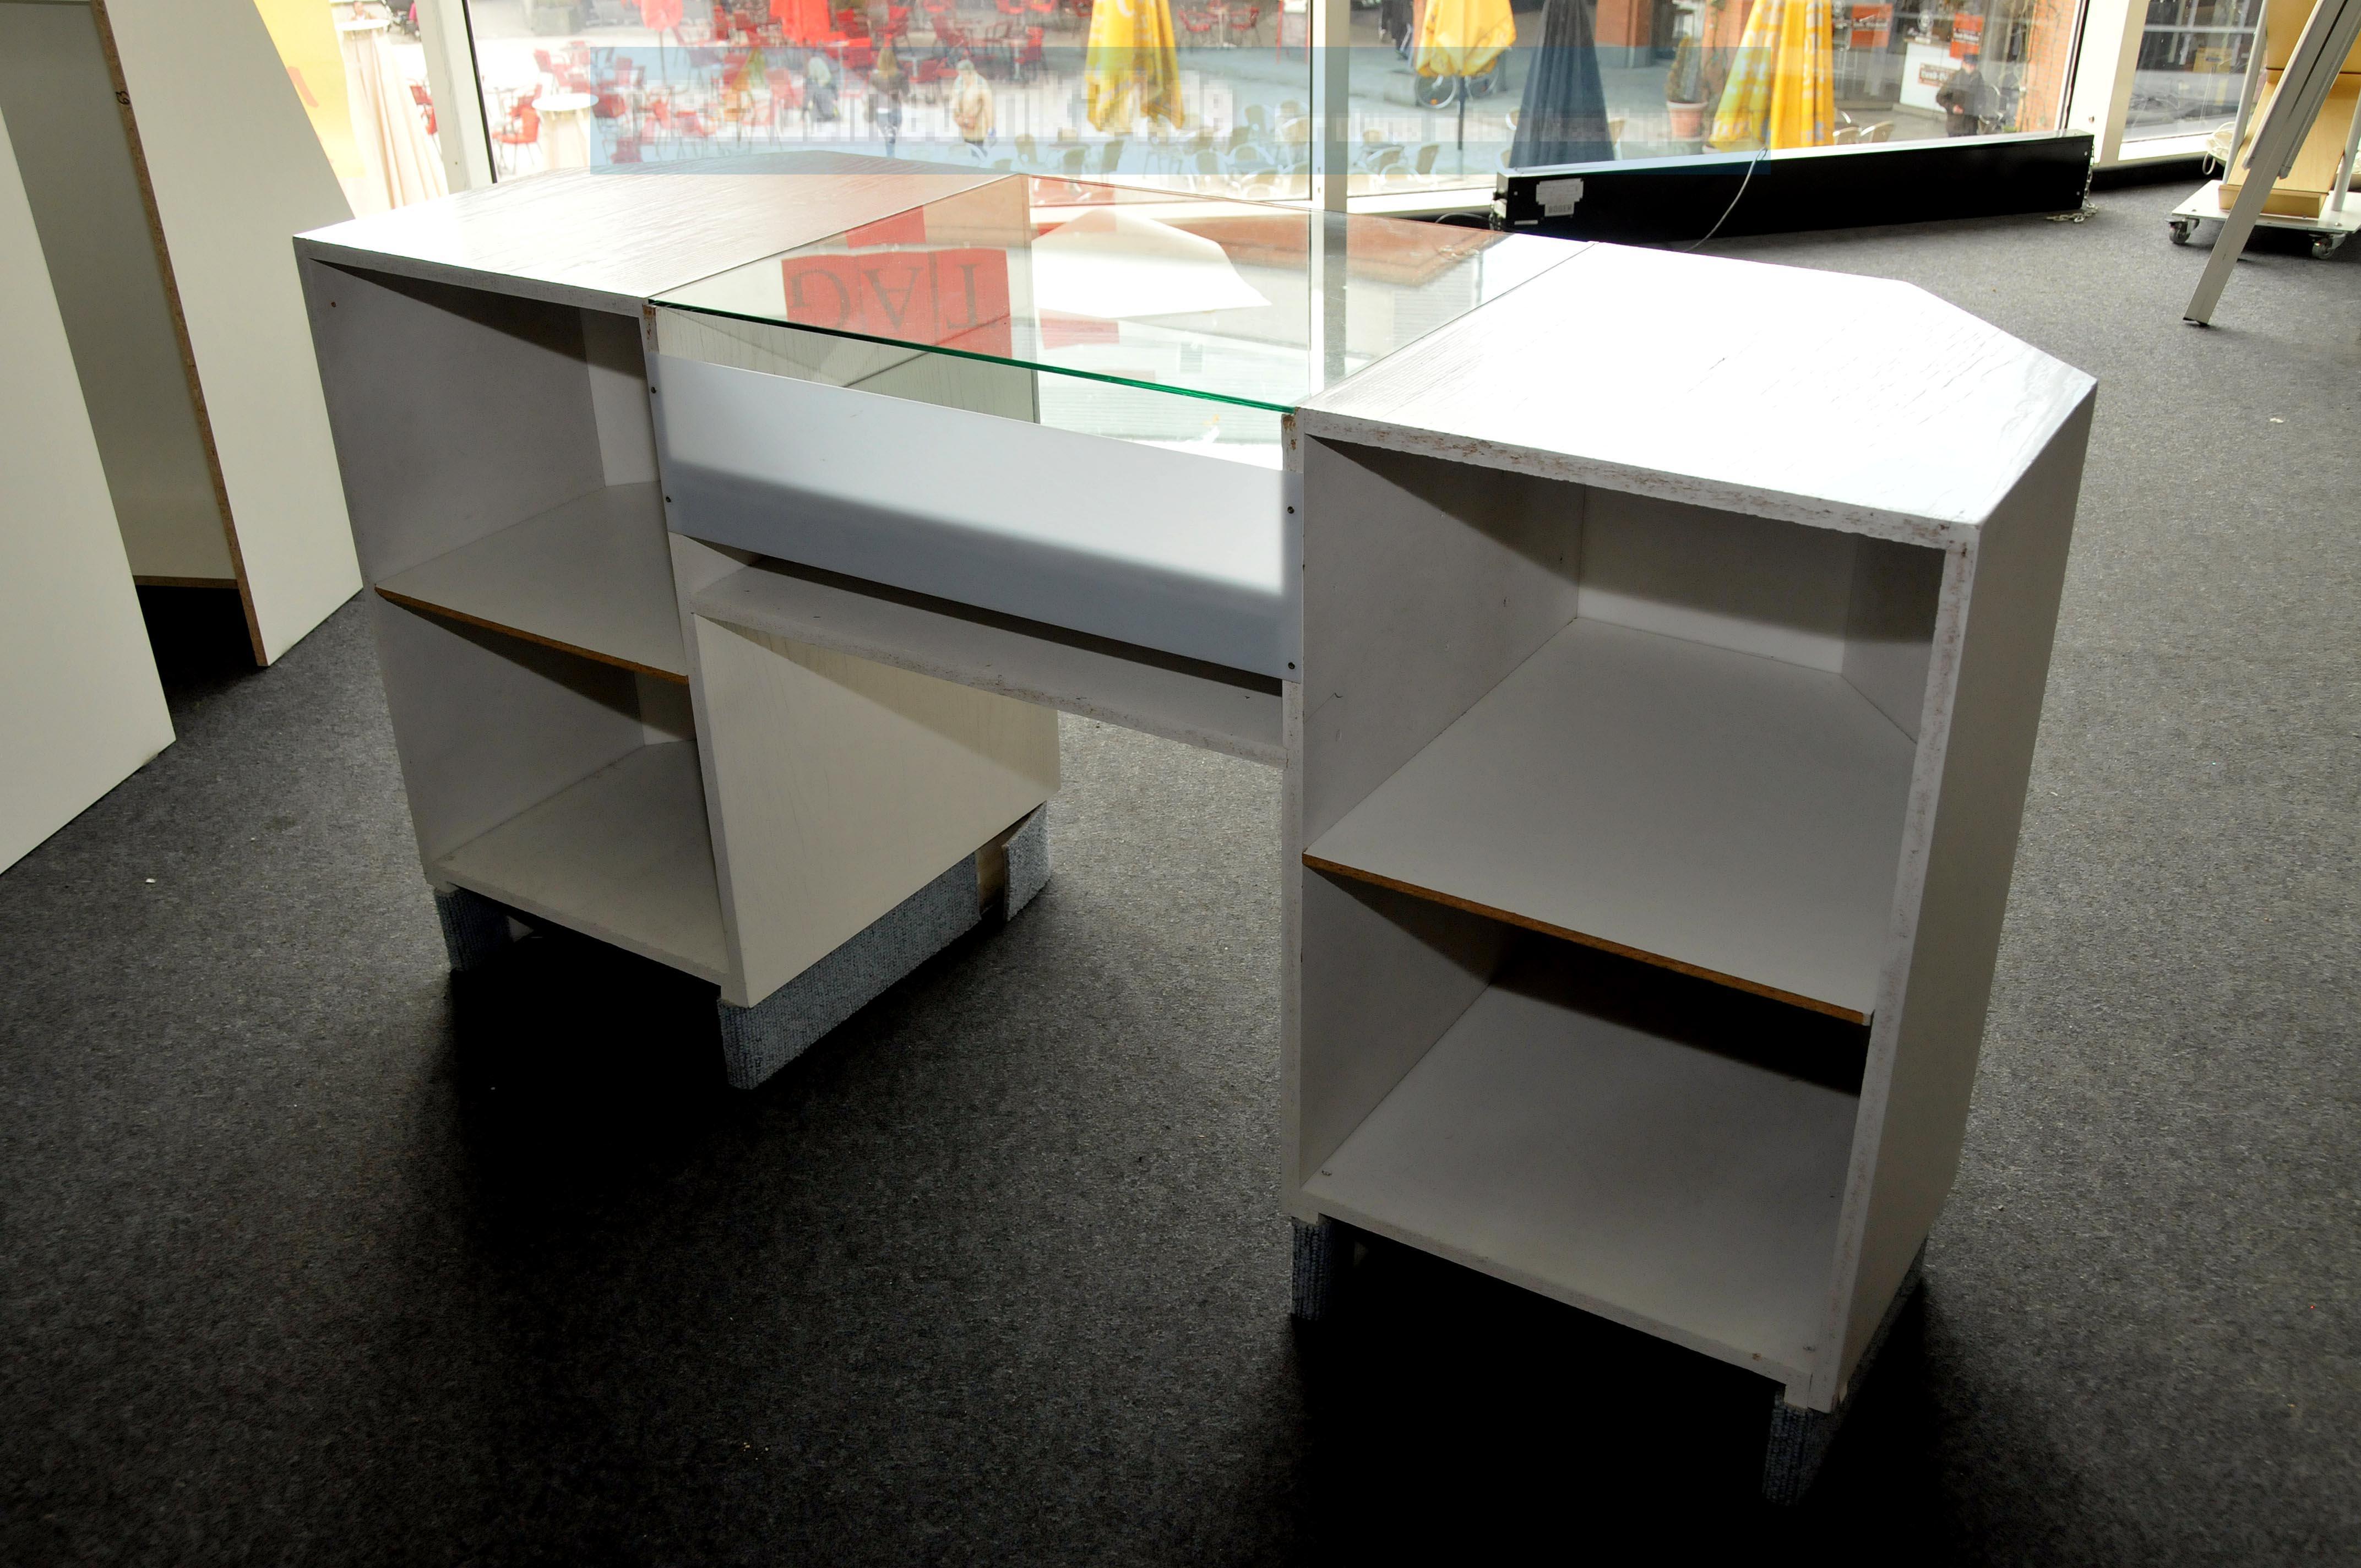 verkaufstheke holz mit glasplatte und spiegelboden 165x57x86cm wei creme mit ebay. Black Bedroom Furniture Sets. Home Design Ideas